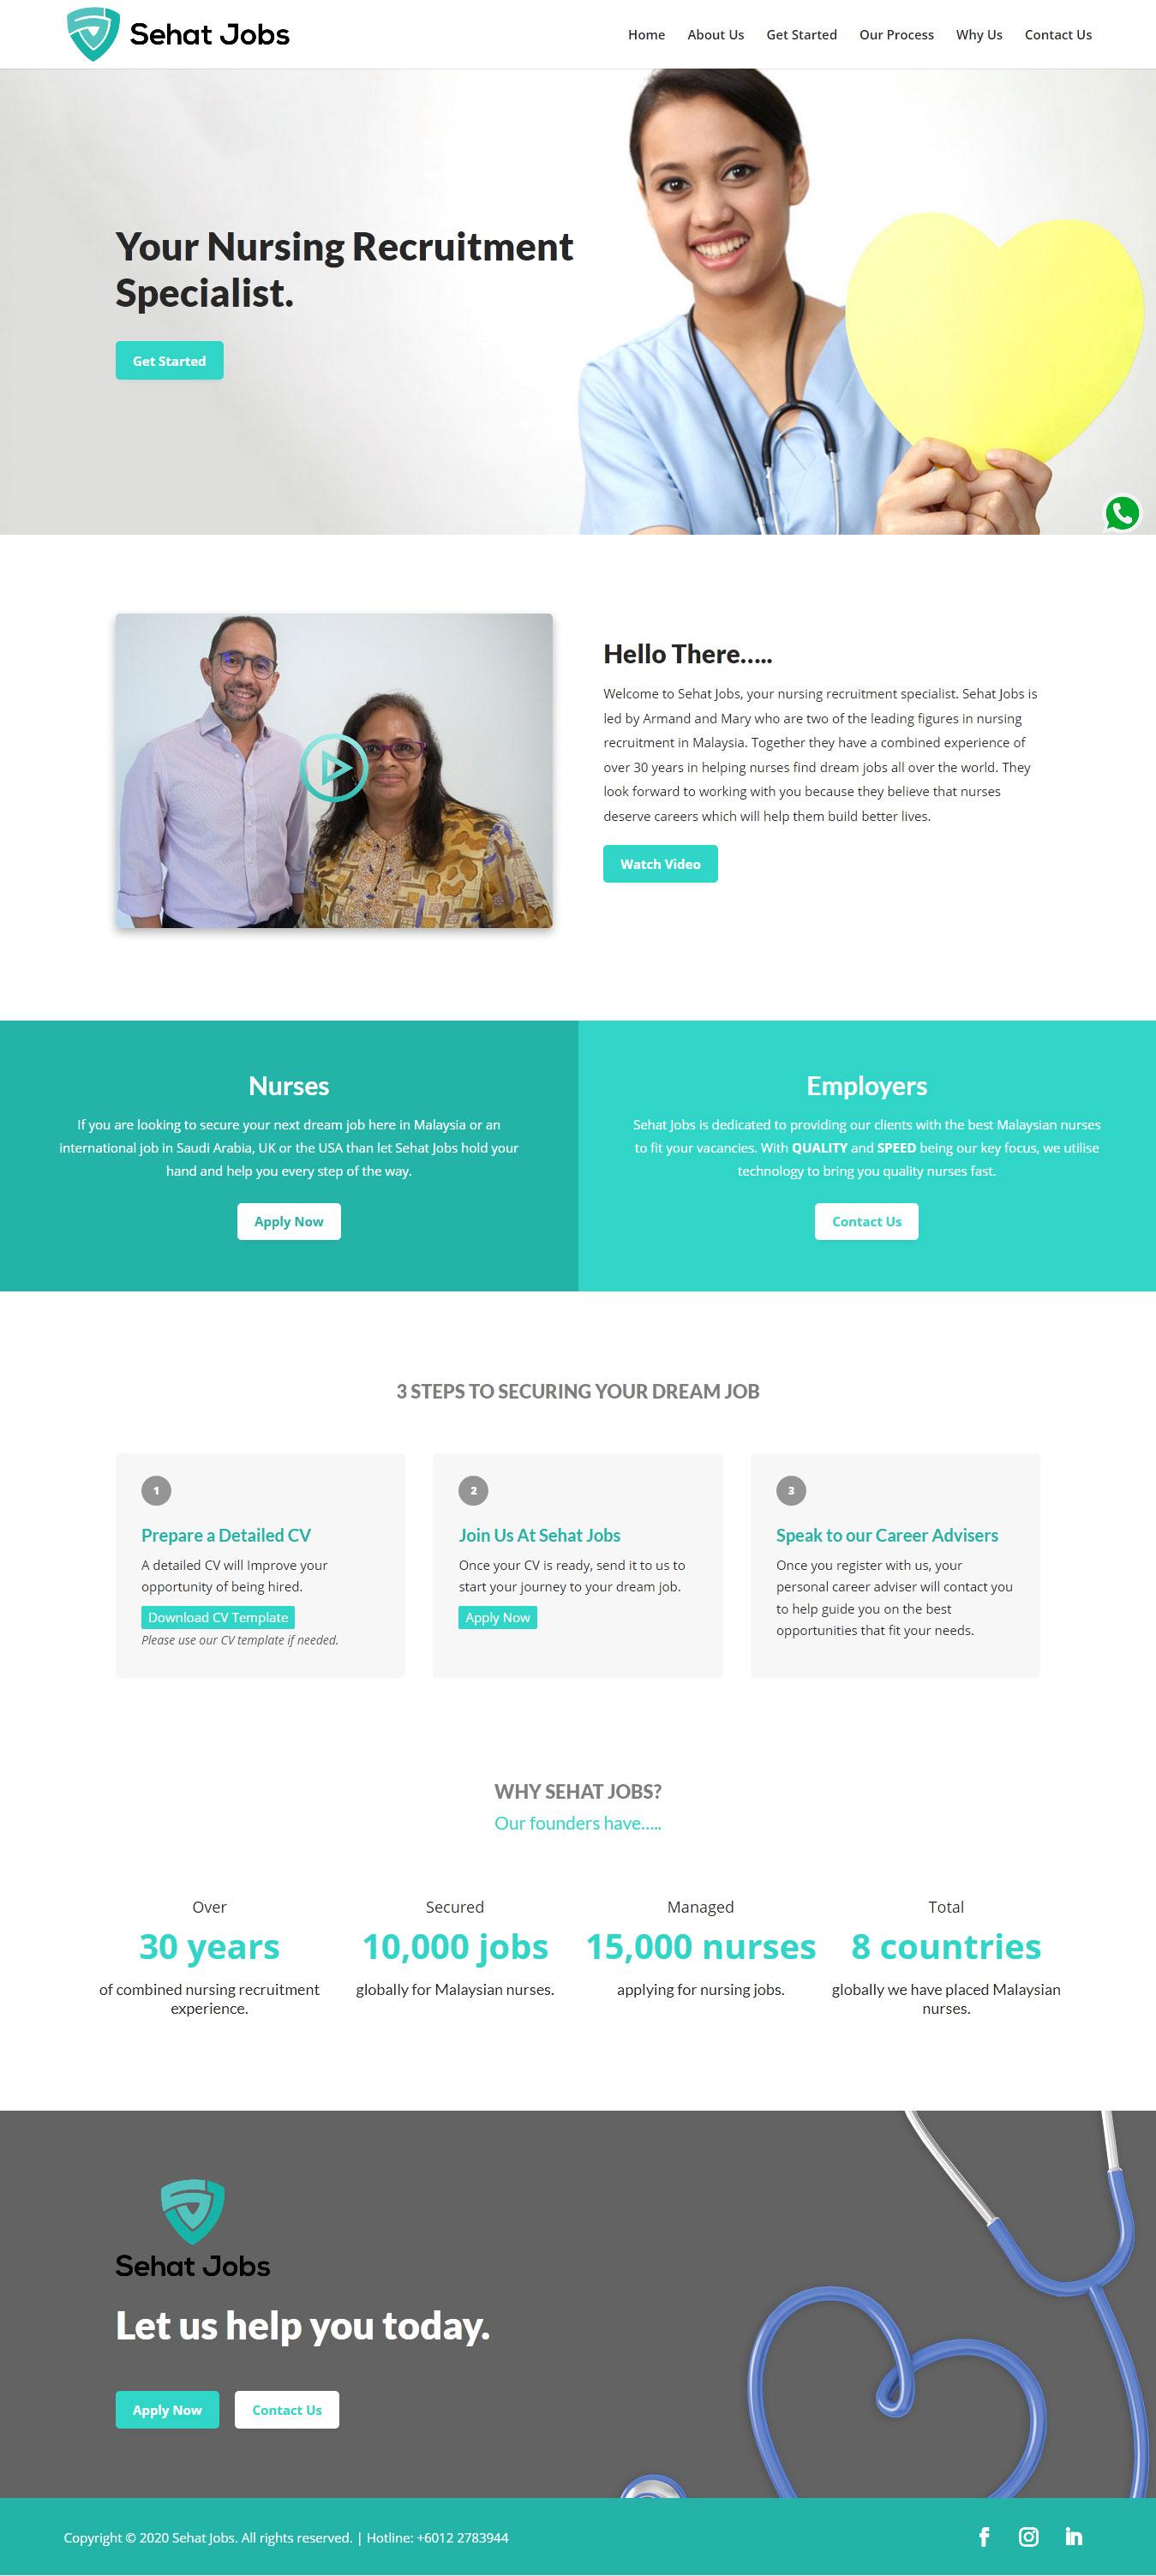 Sehat Jobs Website